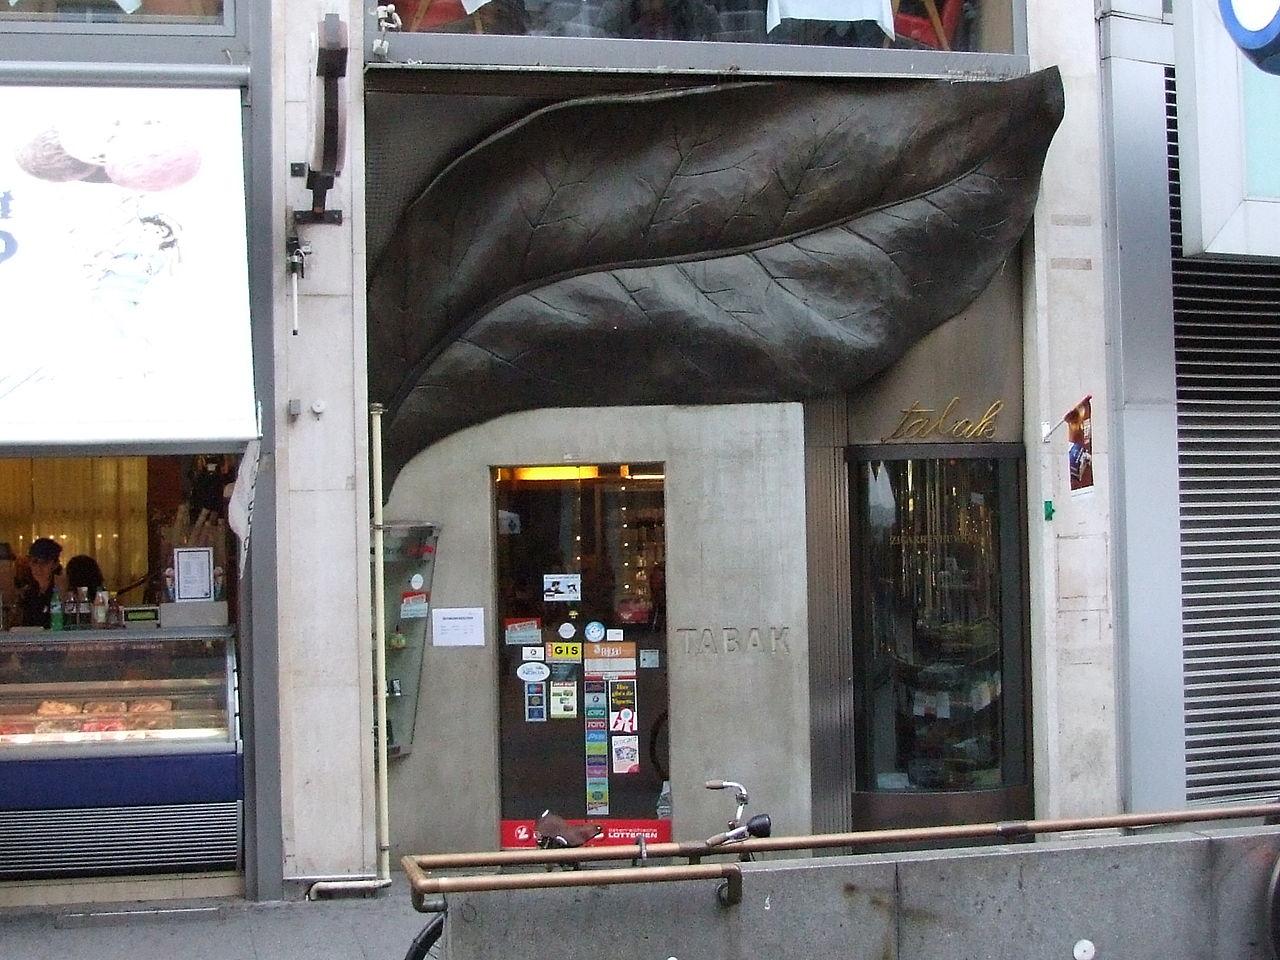 1280px-Tabakladen_in_Wien_DSCF1245.jpg